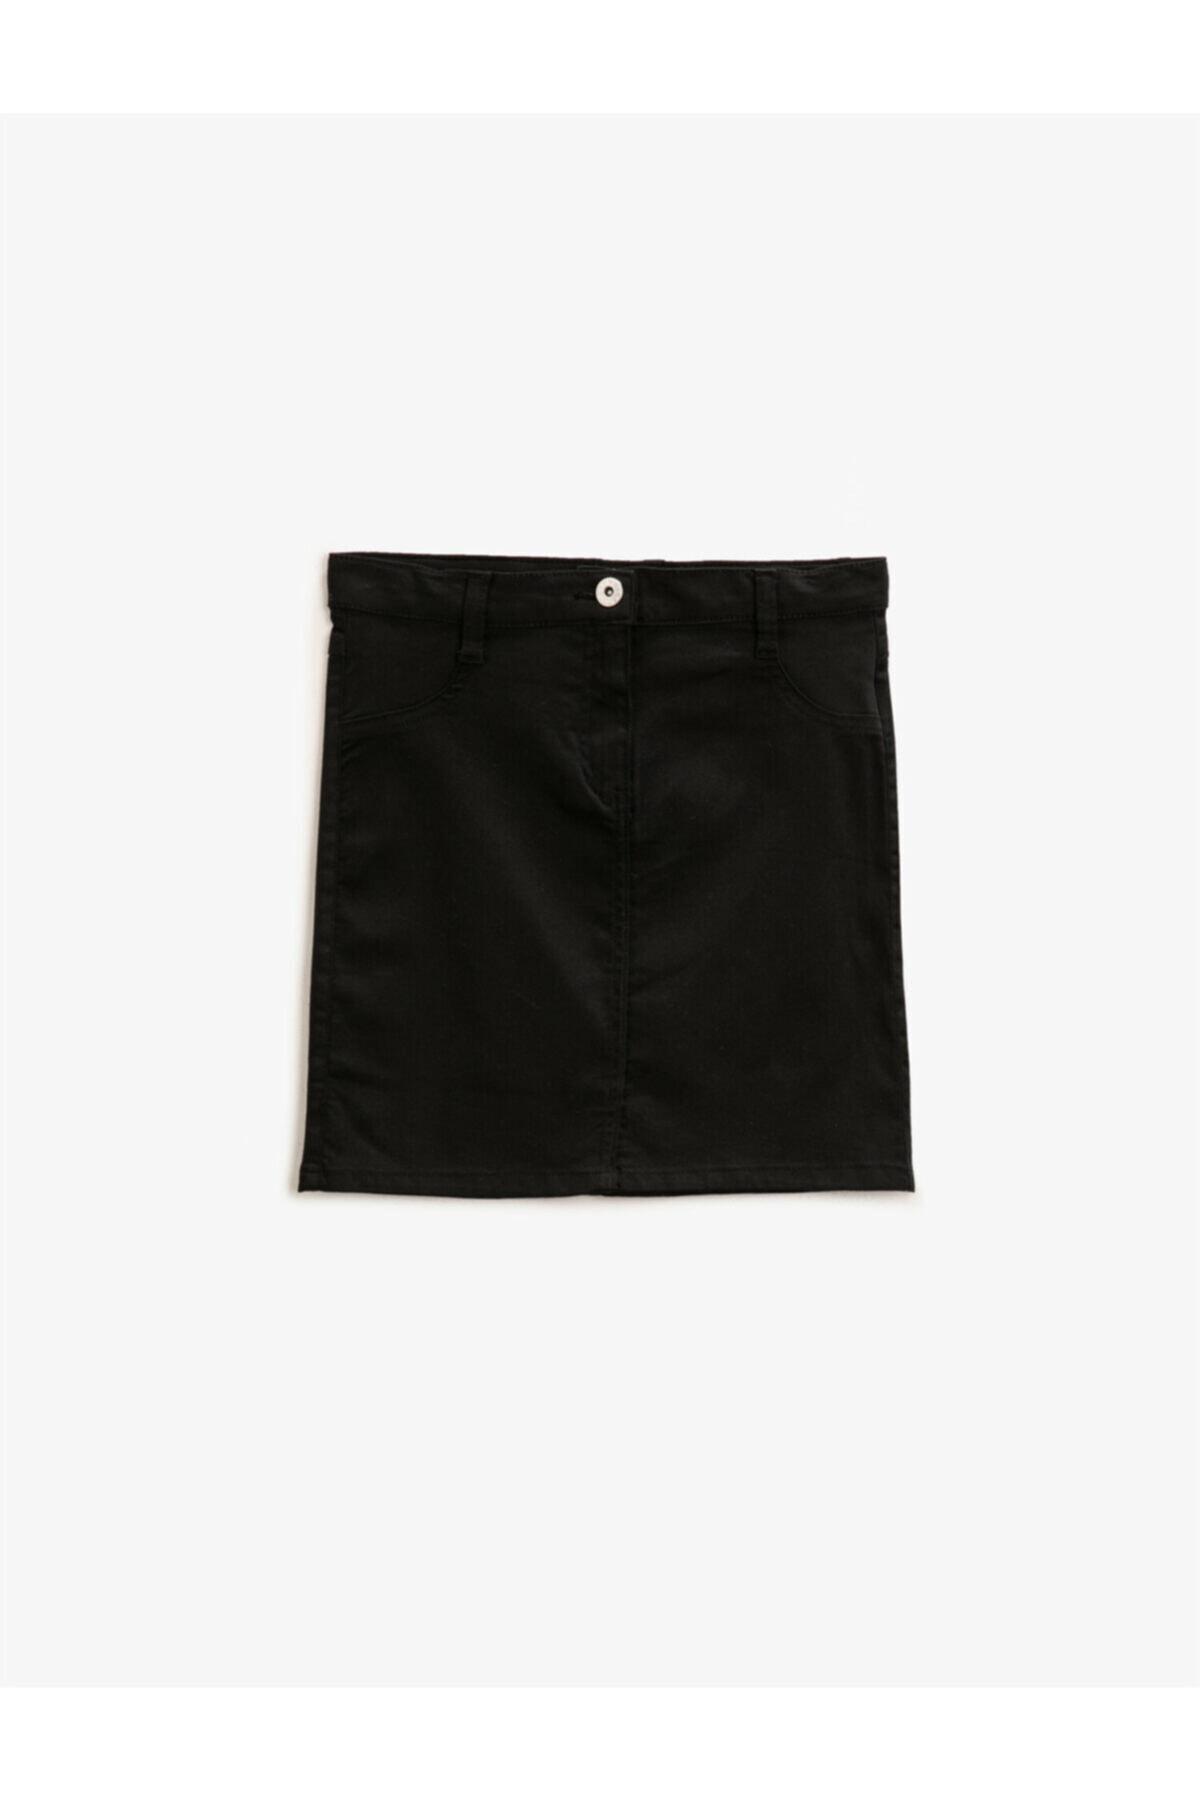 دامن دخترانه مارک دار برند کوتون رنگ مشکی کد ty87523162